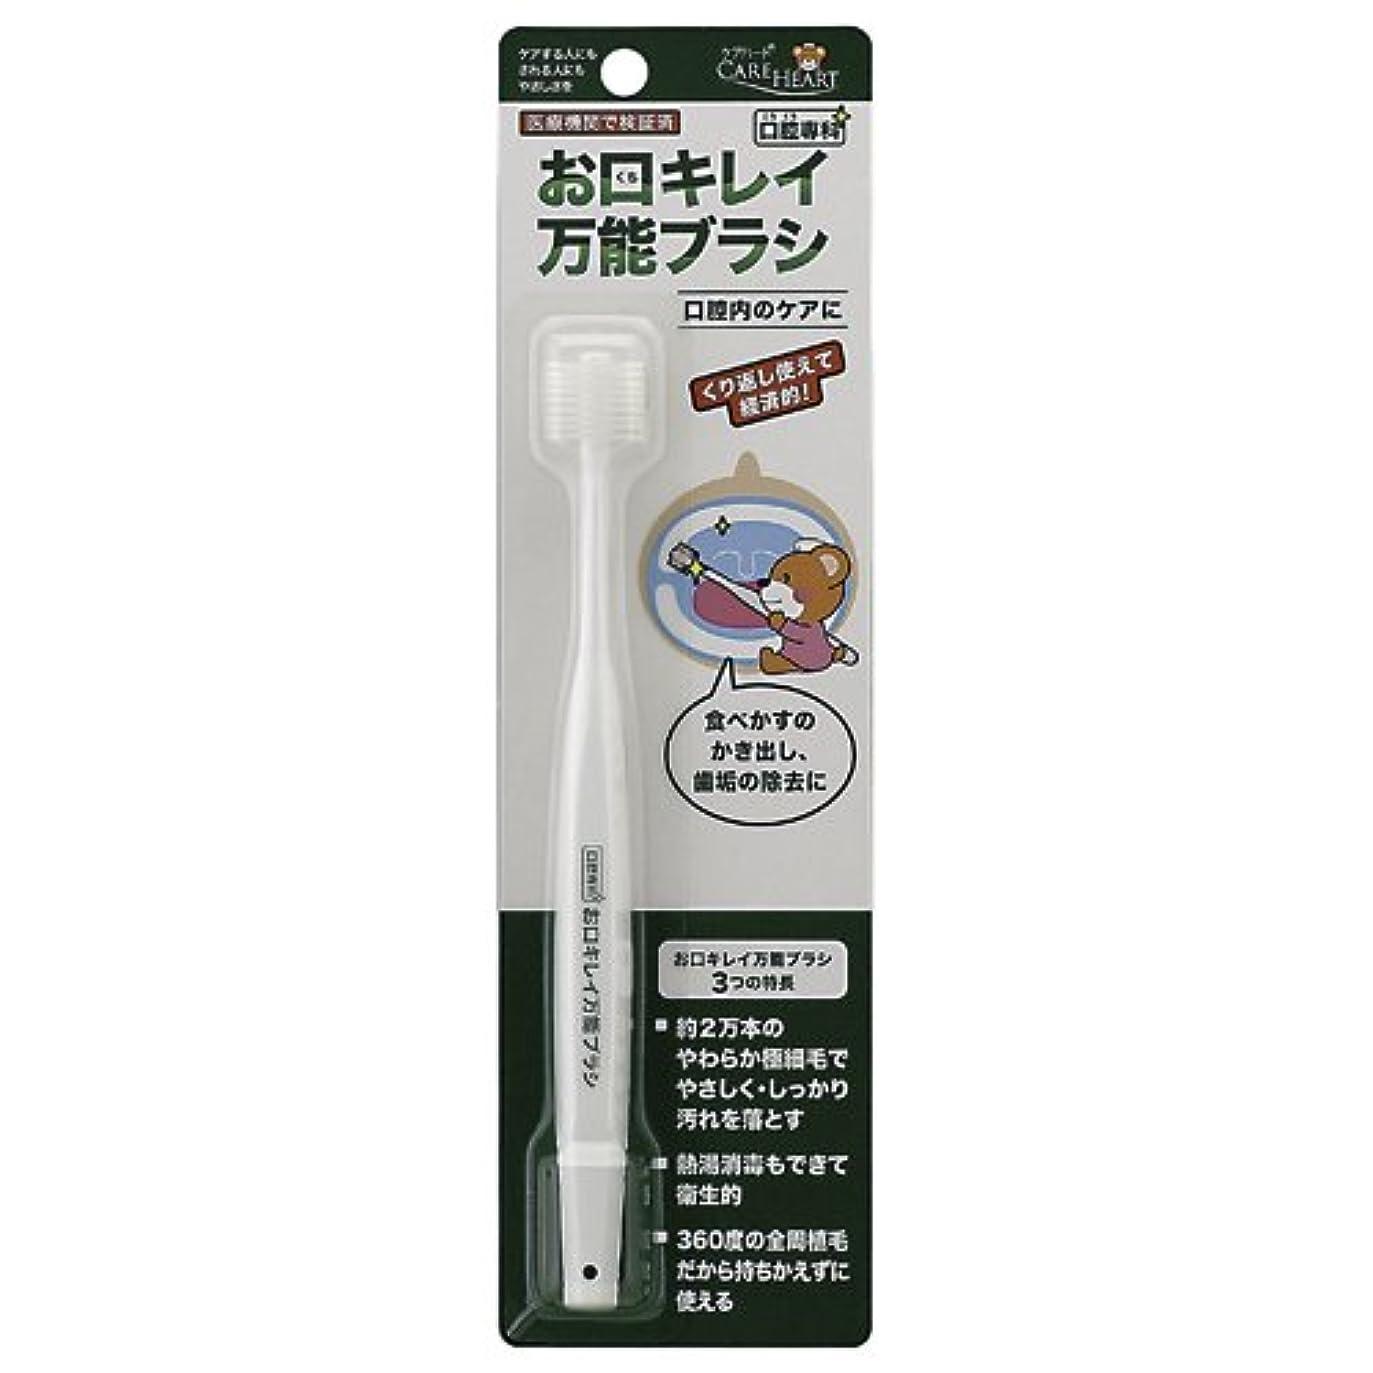 アコード反響する列挙するケアハート 口腔専科 お口キレイ万能ブラシ